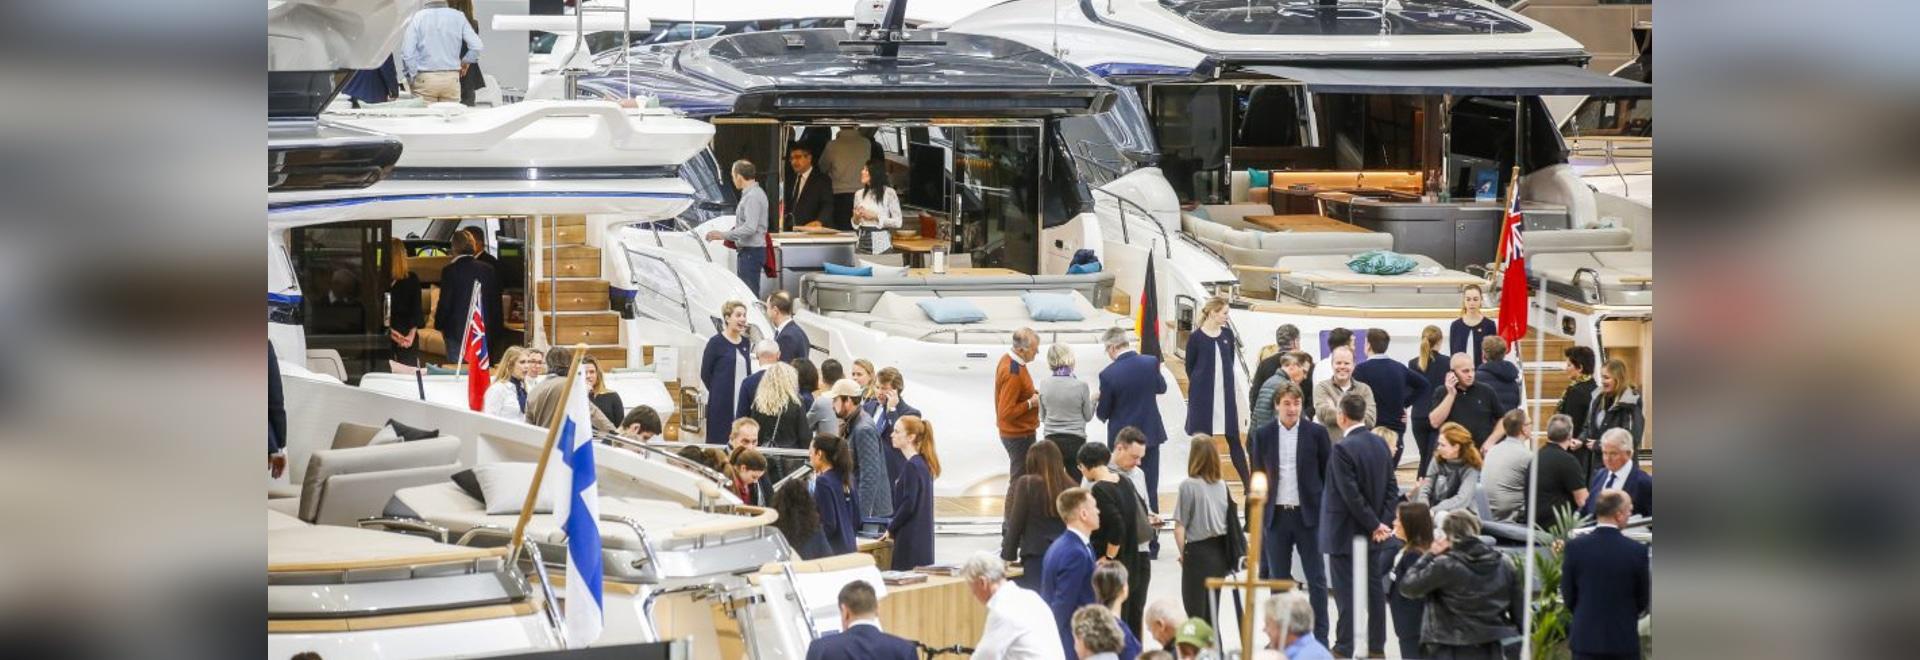 The Düsseldorf boat show runs Jan. 18-26.